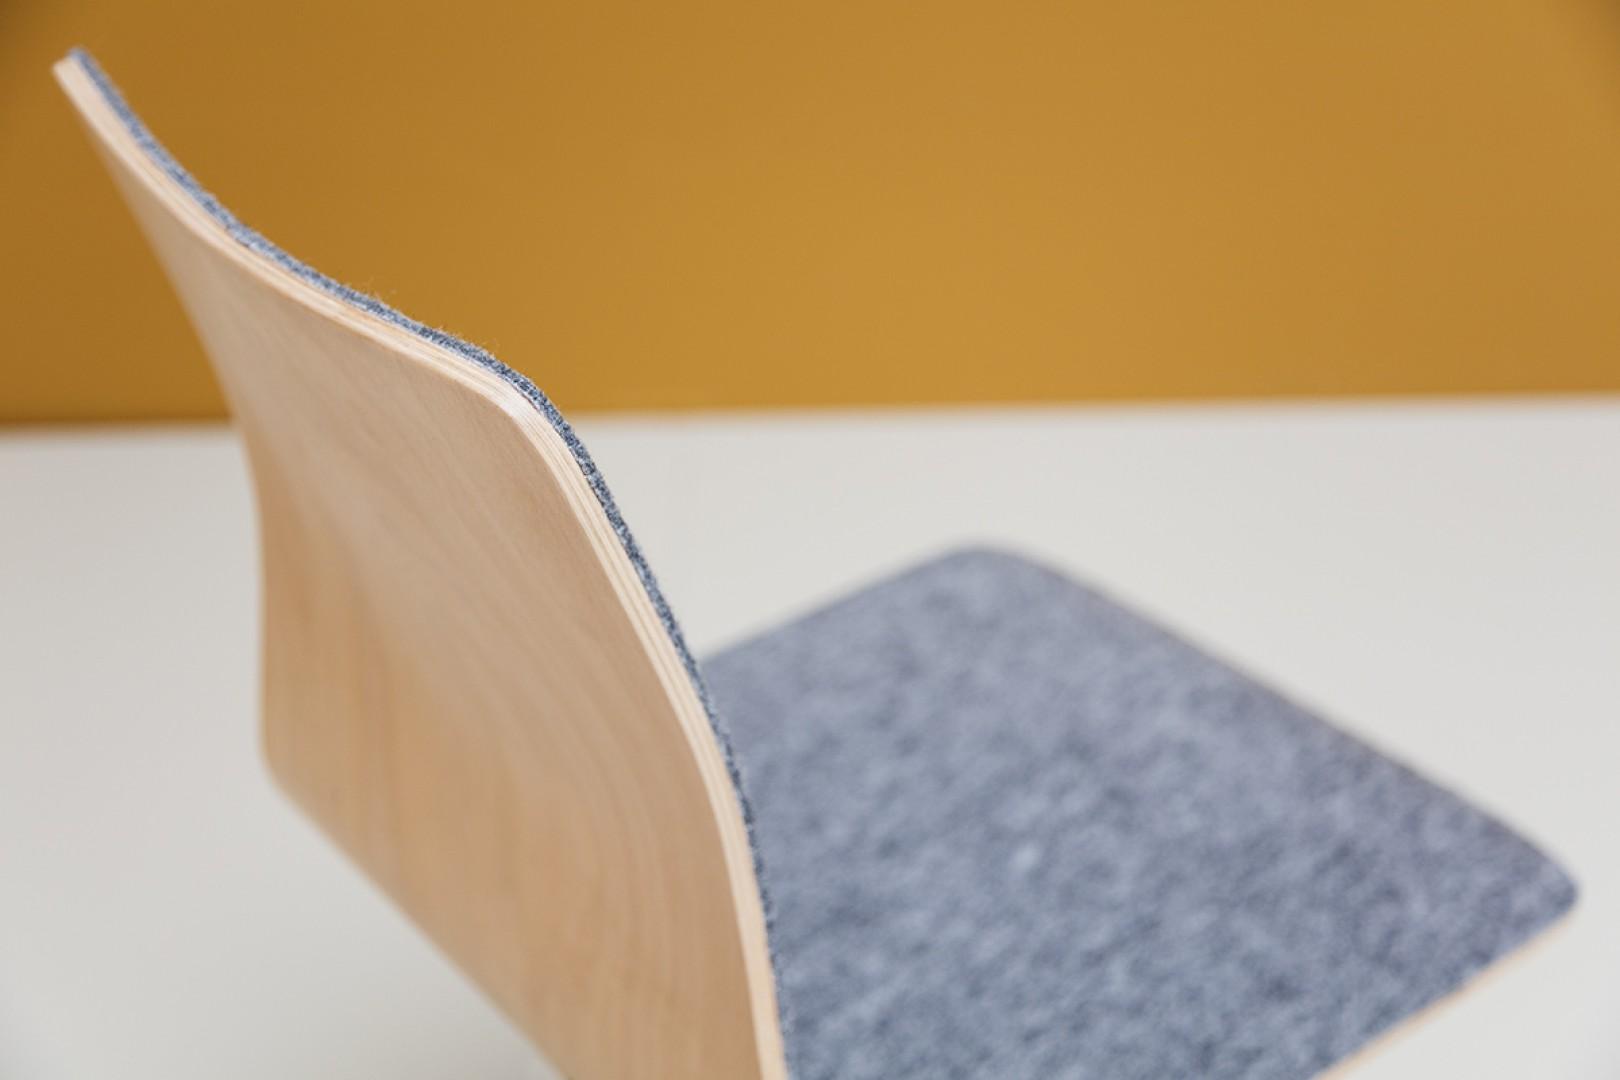 Krzesło Linar Plus firmy Noti z nowym filcowym wykończeniem. Projekt: Piotr Kuchciński. Fot. Noti